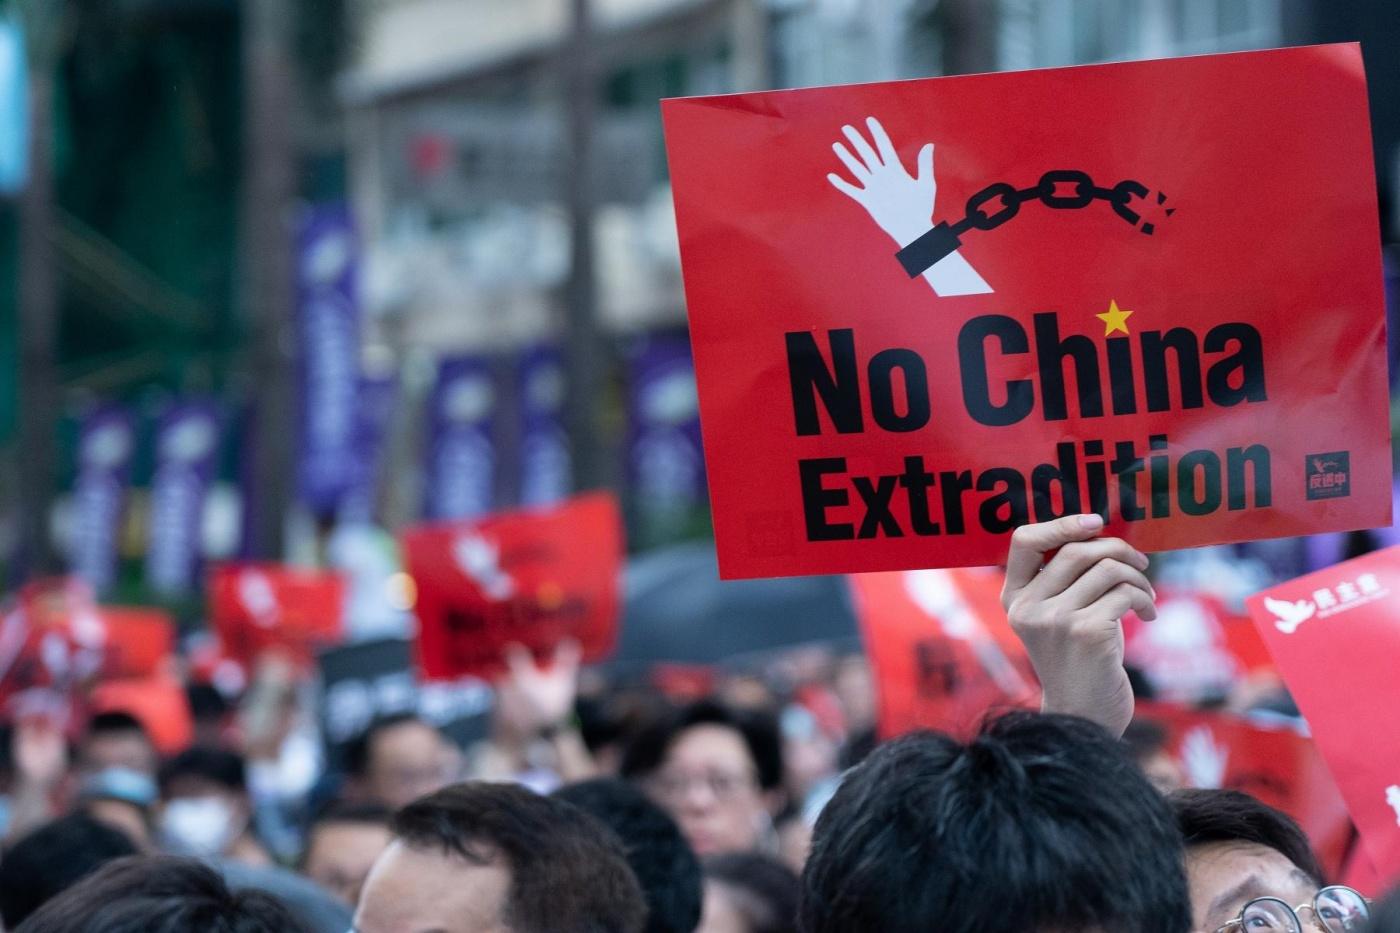 香港反送中!港版悠遊卡「八達通」也恐成為政府監控工具?